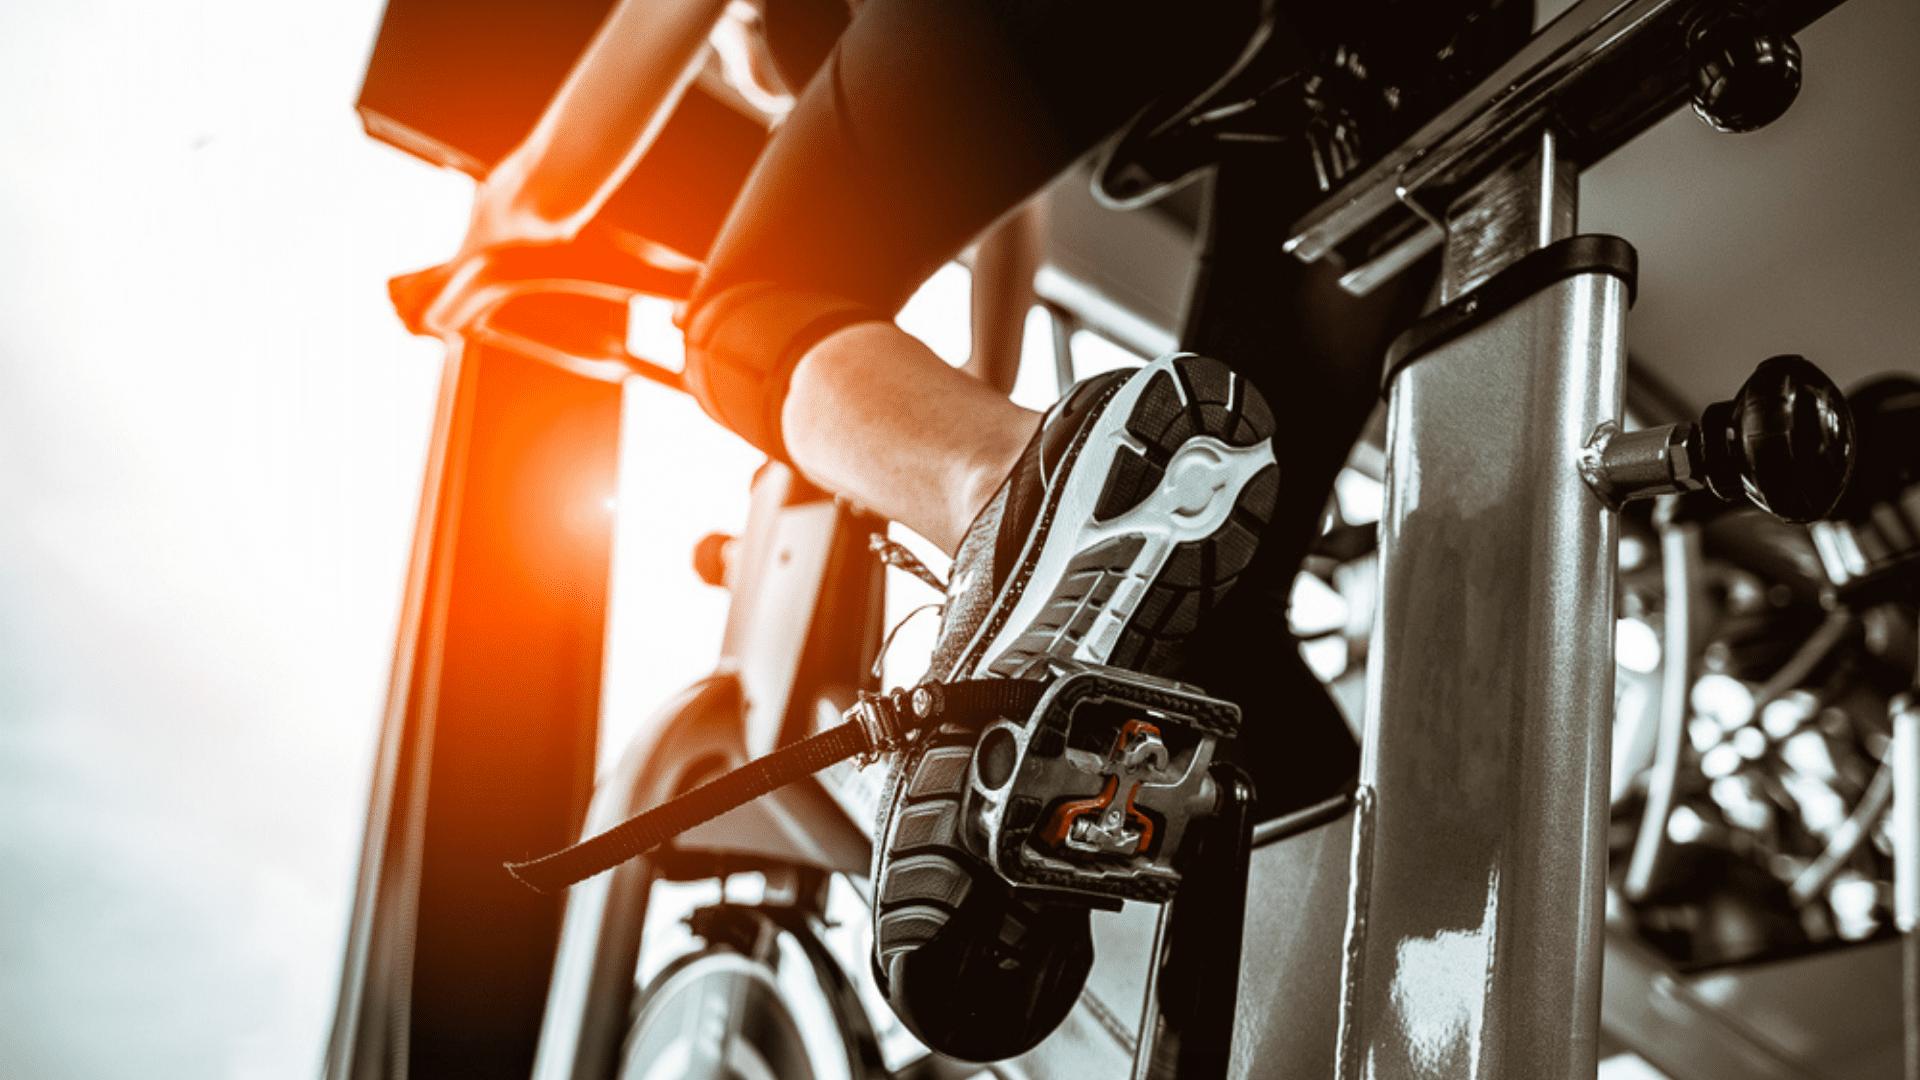 Veja a nossa seleção das melhores bicicletas de spinning de 2021! (Imagem: Reprodução/Shutterstock)